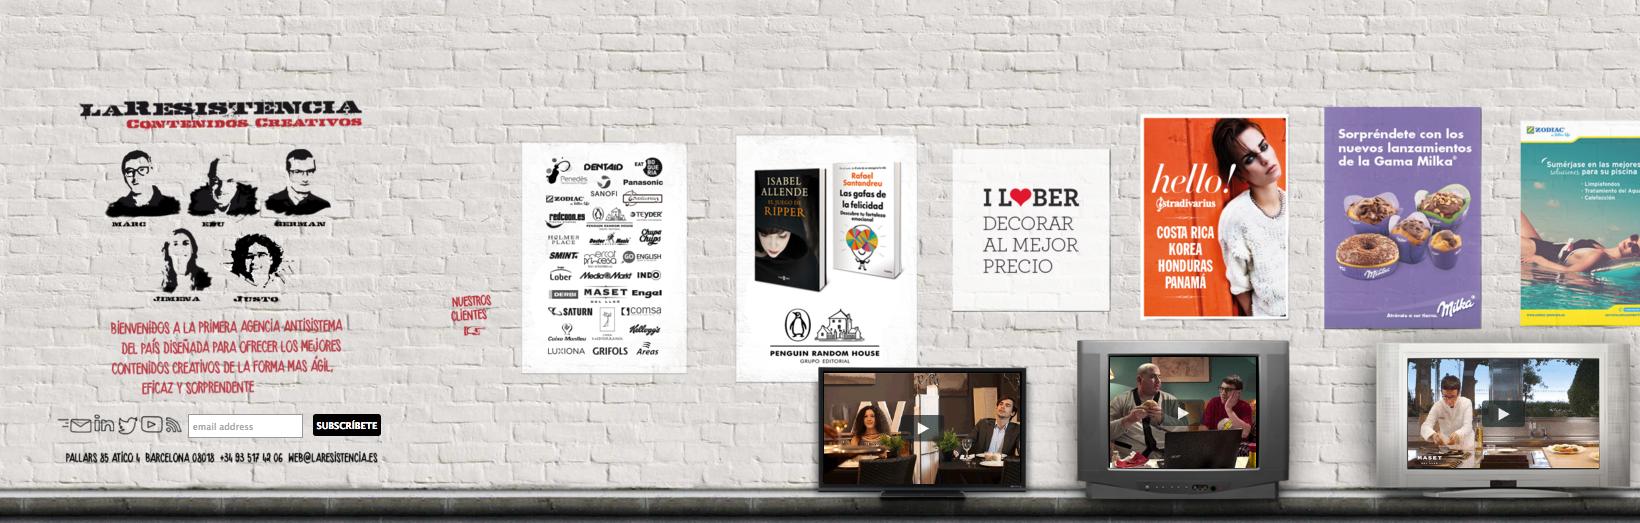 Laresistencia agencia de publicidad en barcelona - Agencias de limpieza barcelona ...